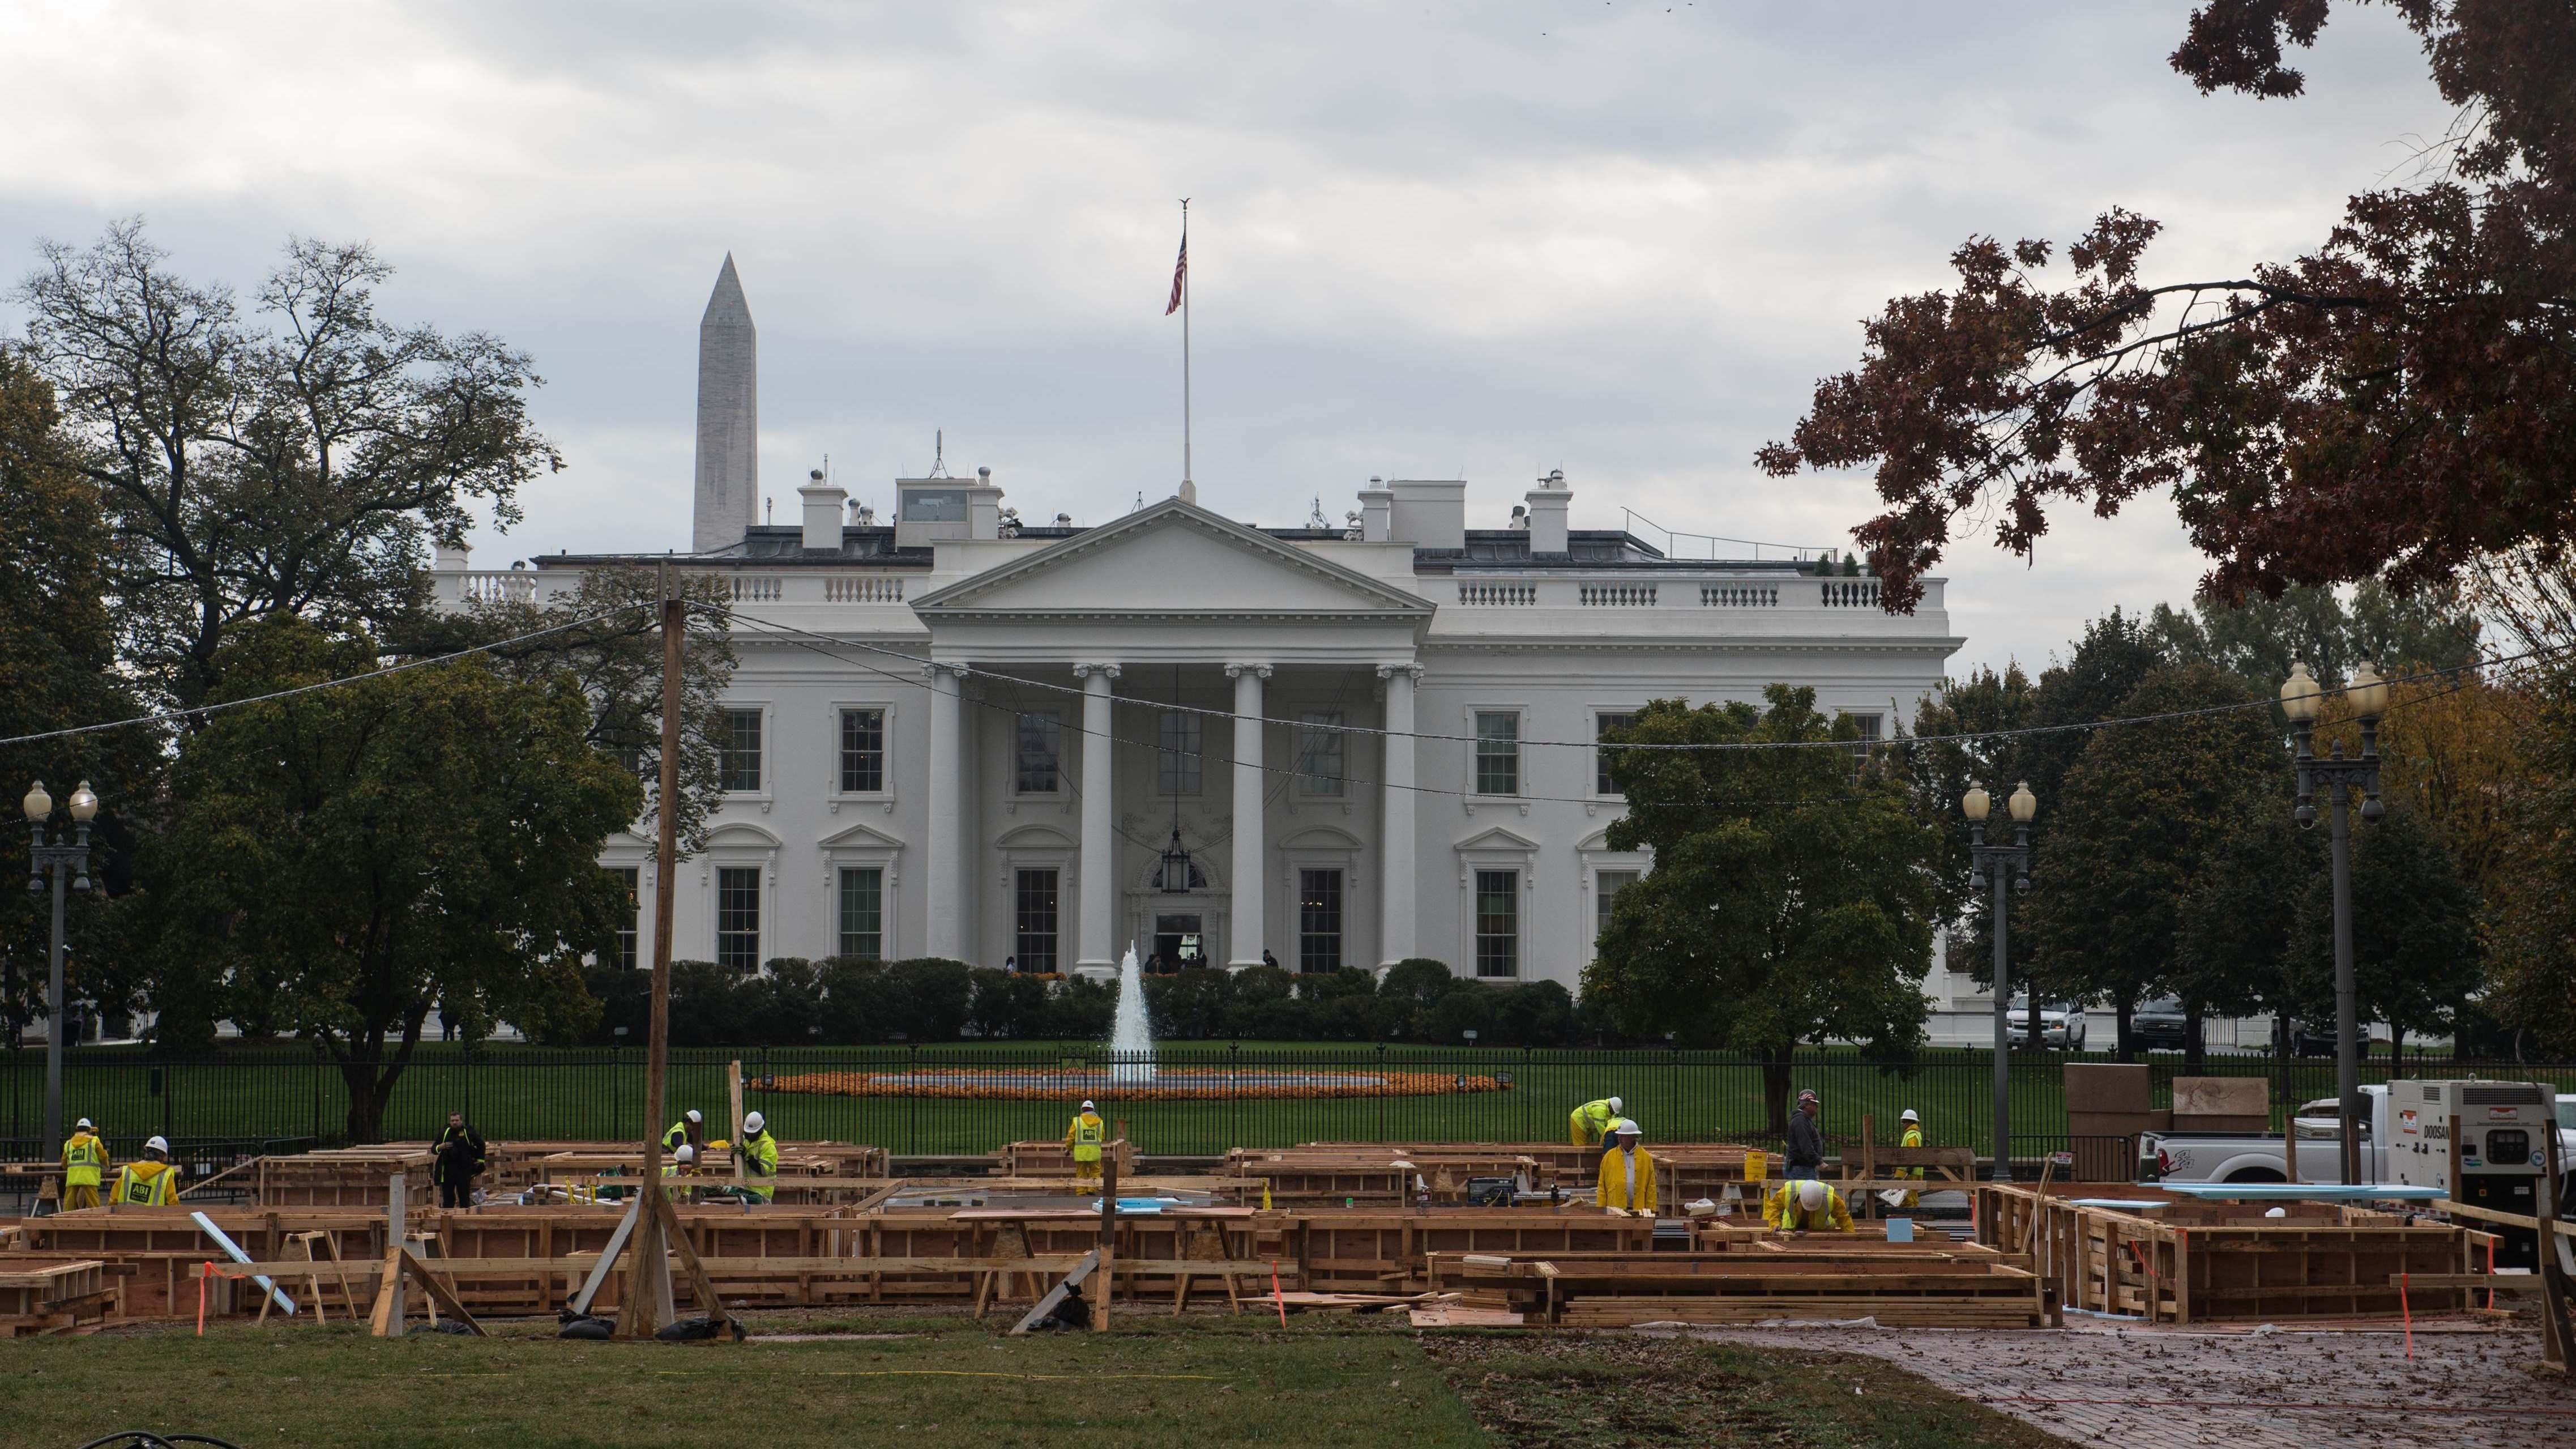 Obama congratulates Trump, invites him, Clinton to White House